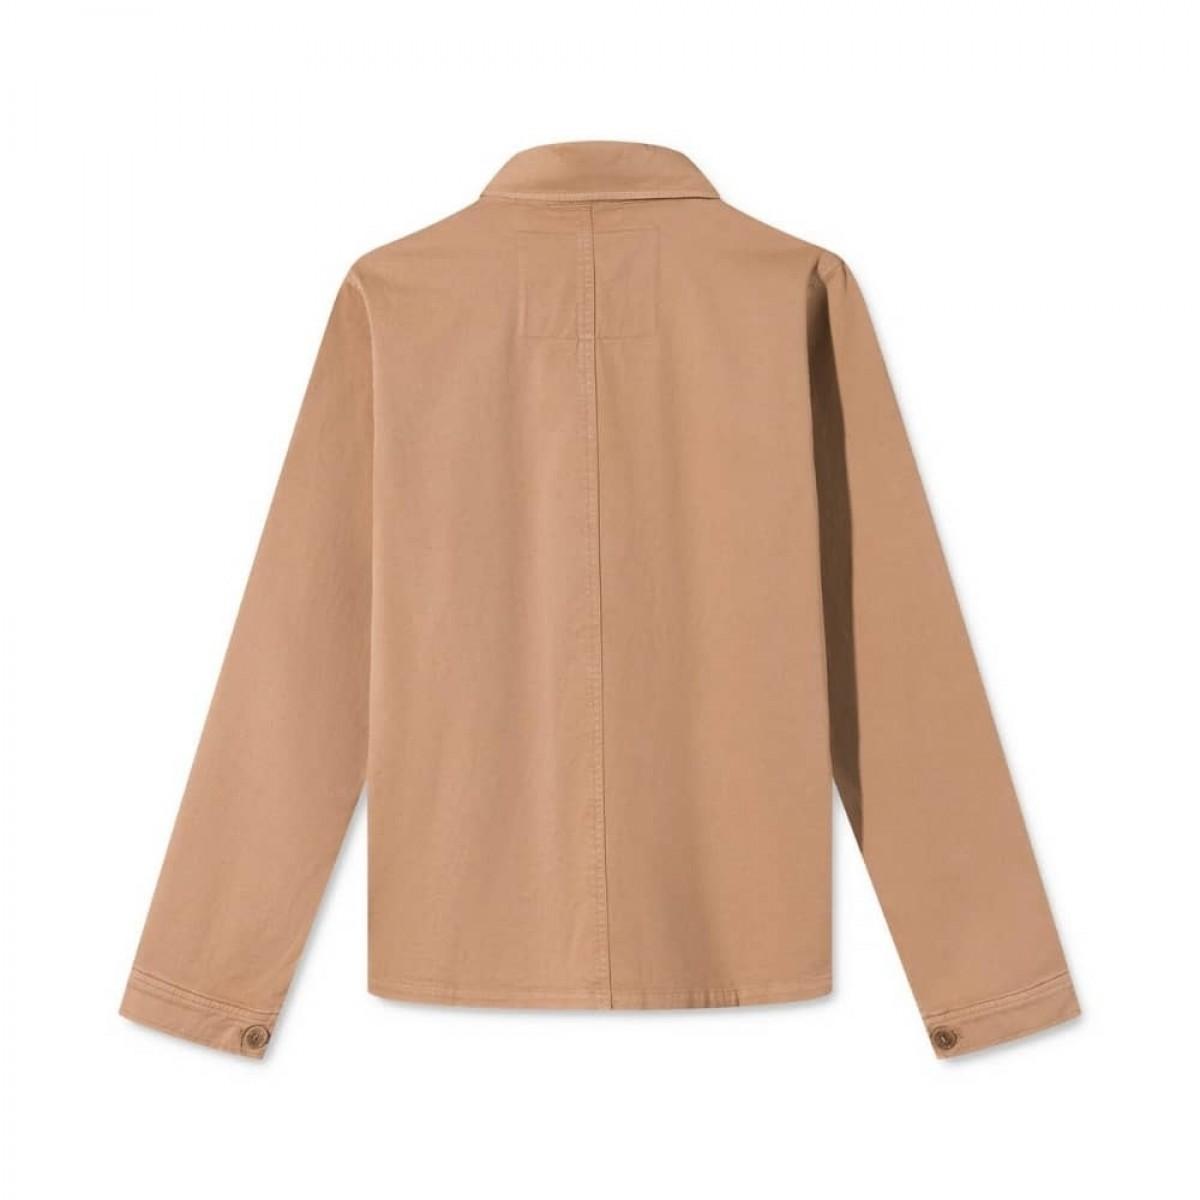 cady workwear jakke - light brown - ryggen